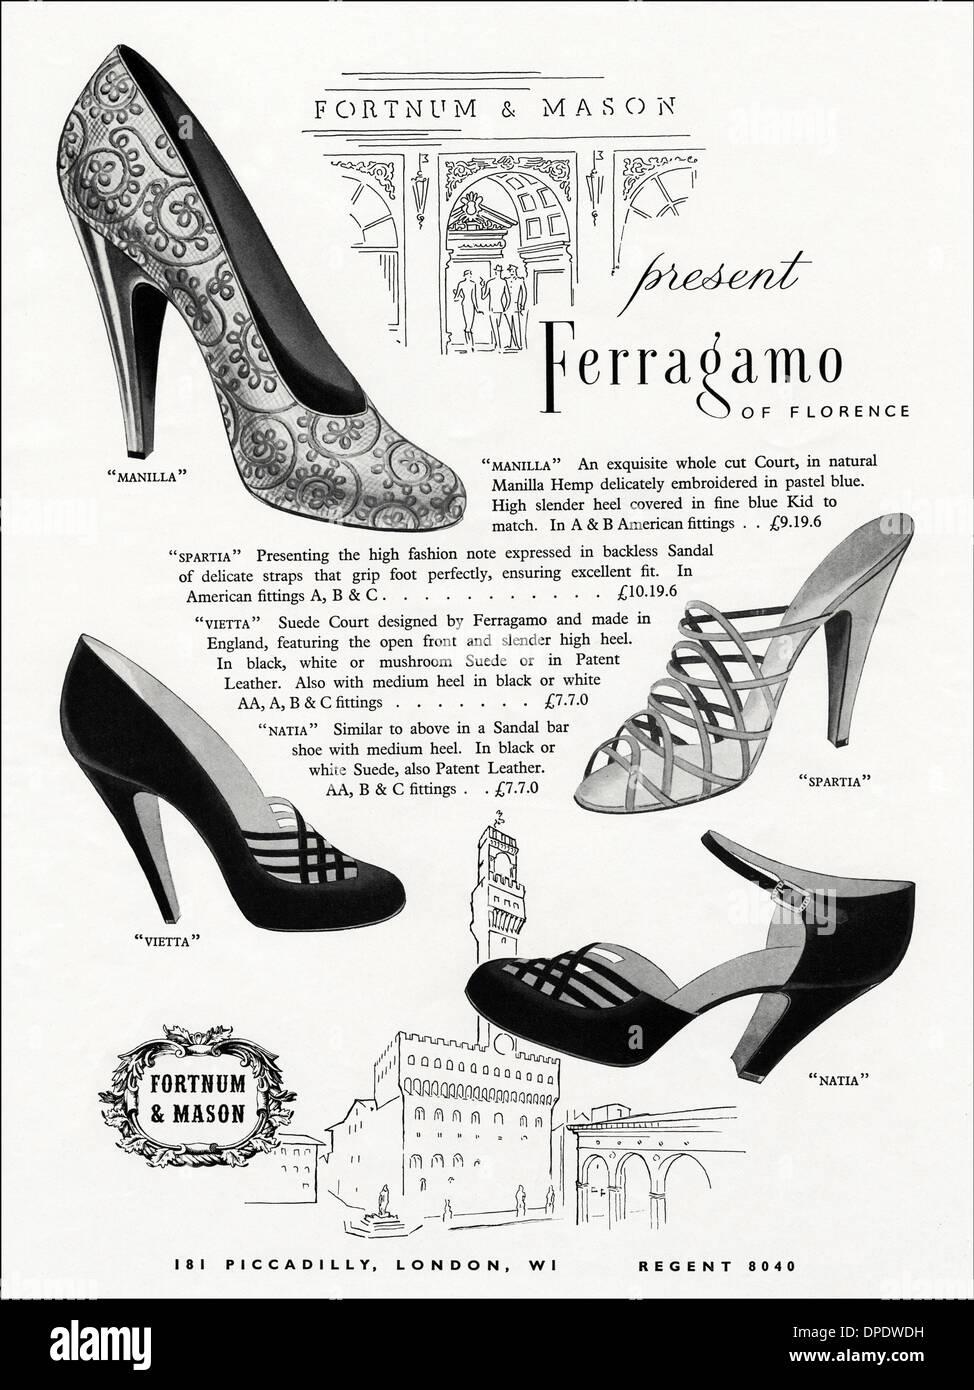 887fed20 1950 Publicidad publicidad lady's zapatos de FERRAGAMO de Florencia para  venta en Fortnum & Mason de Londres. Anuncio en revista de moda mujer circa  1952.